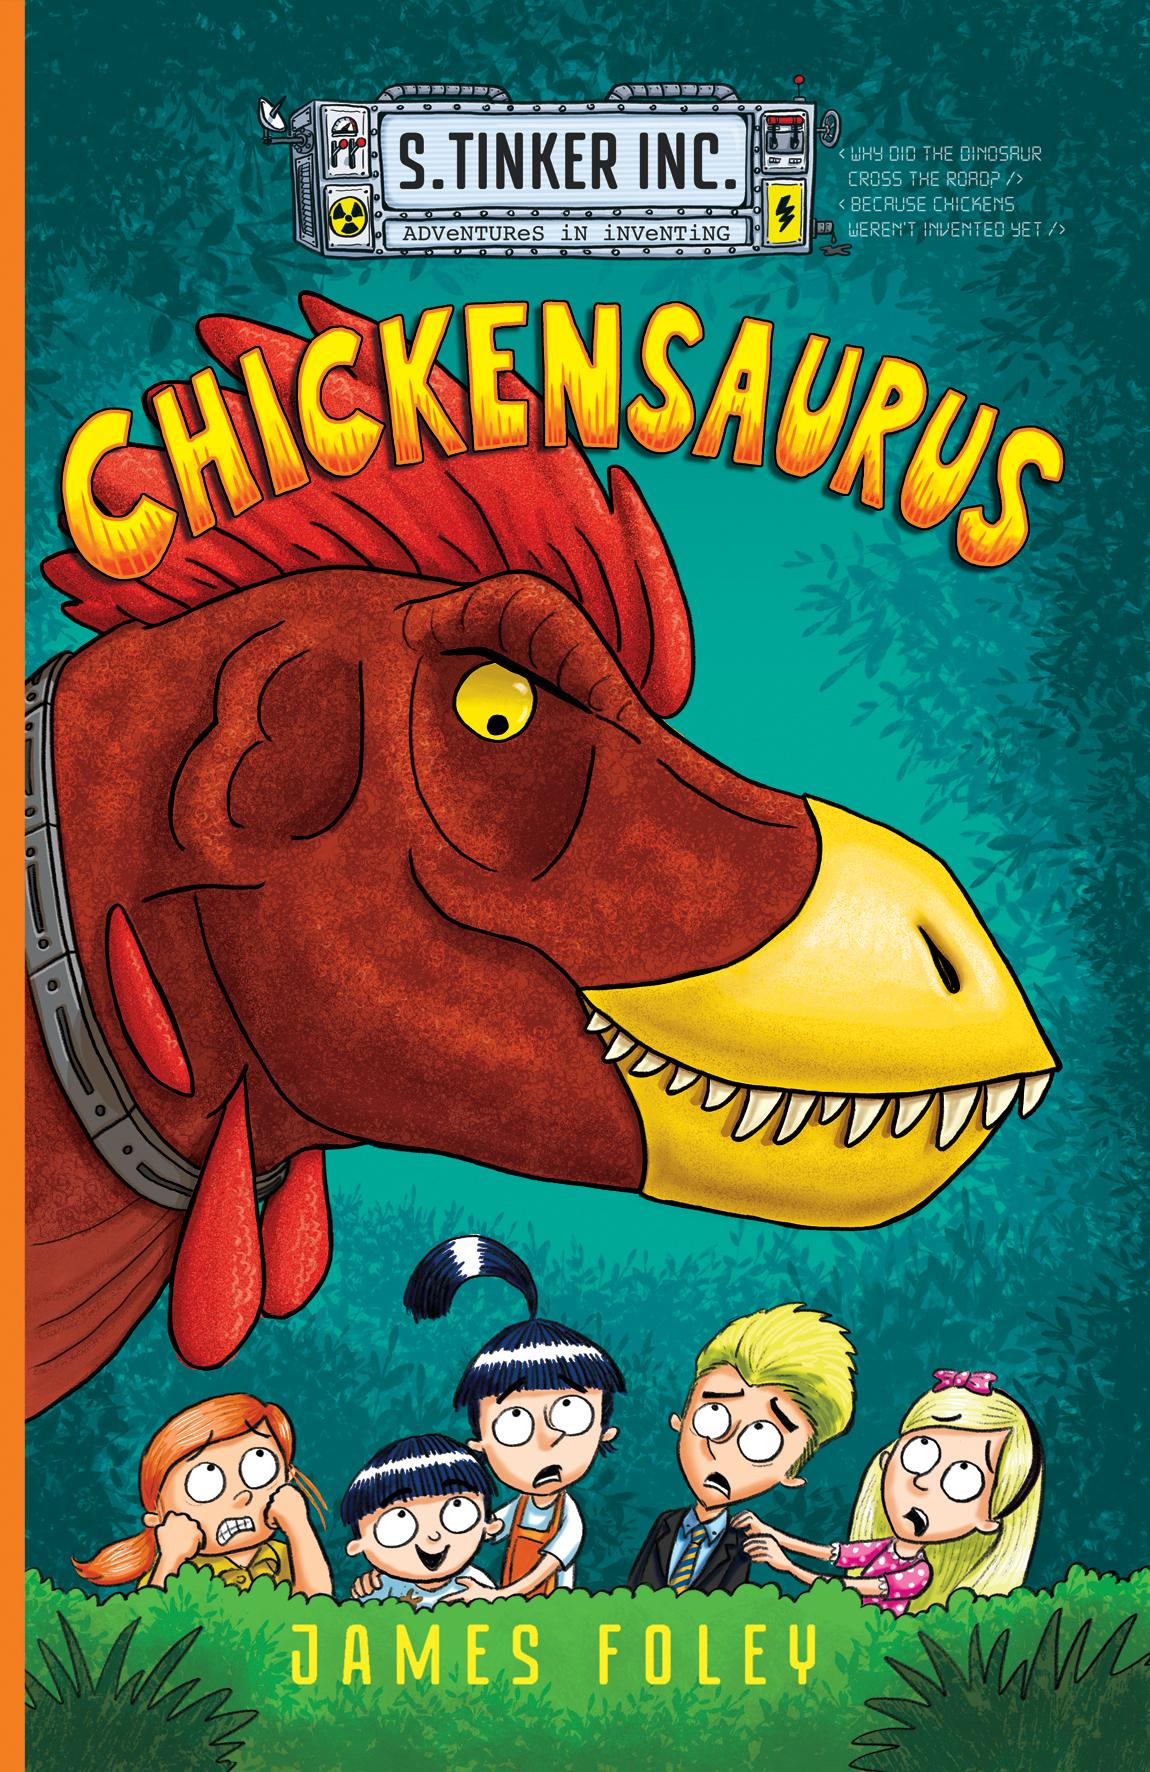 Chickensaurus